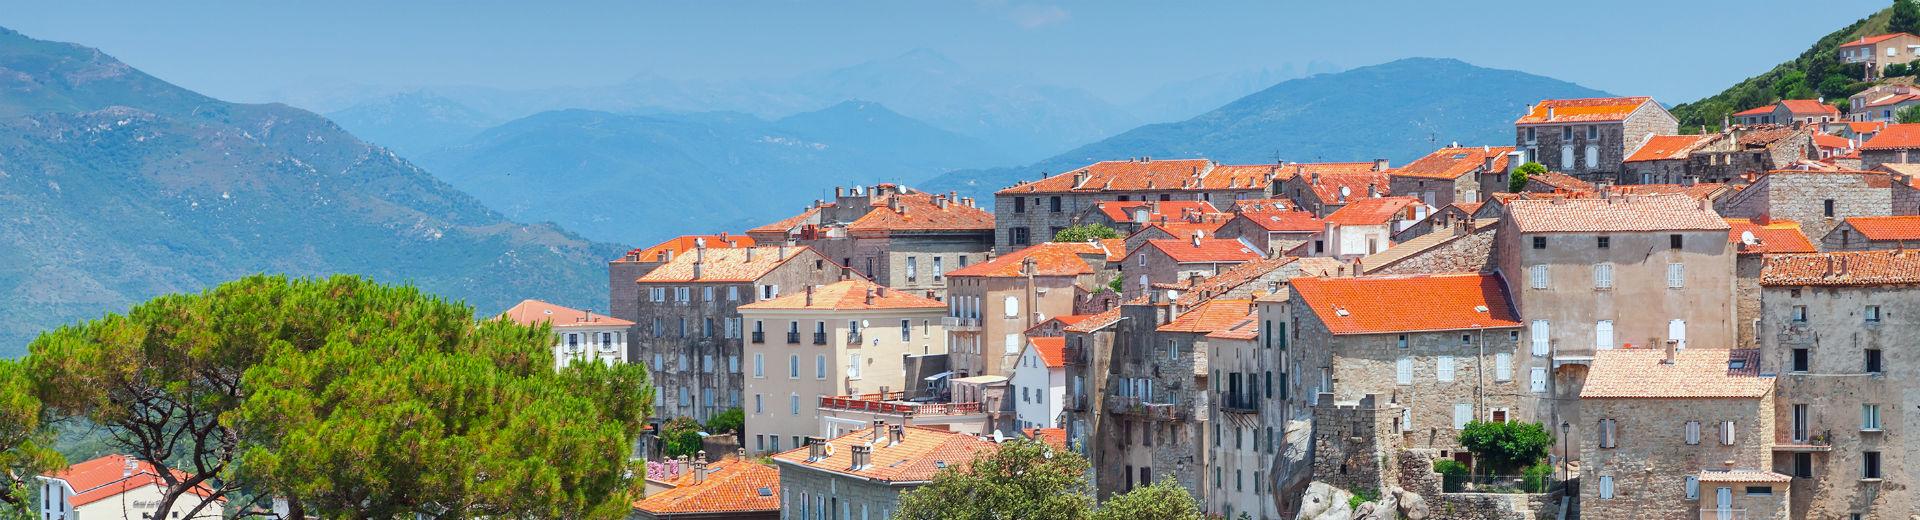 Escapade en Corse – Pasqua in Corsica